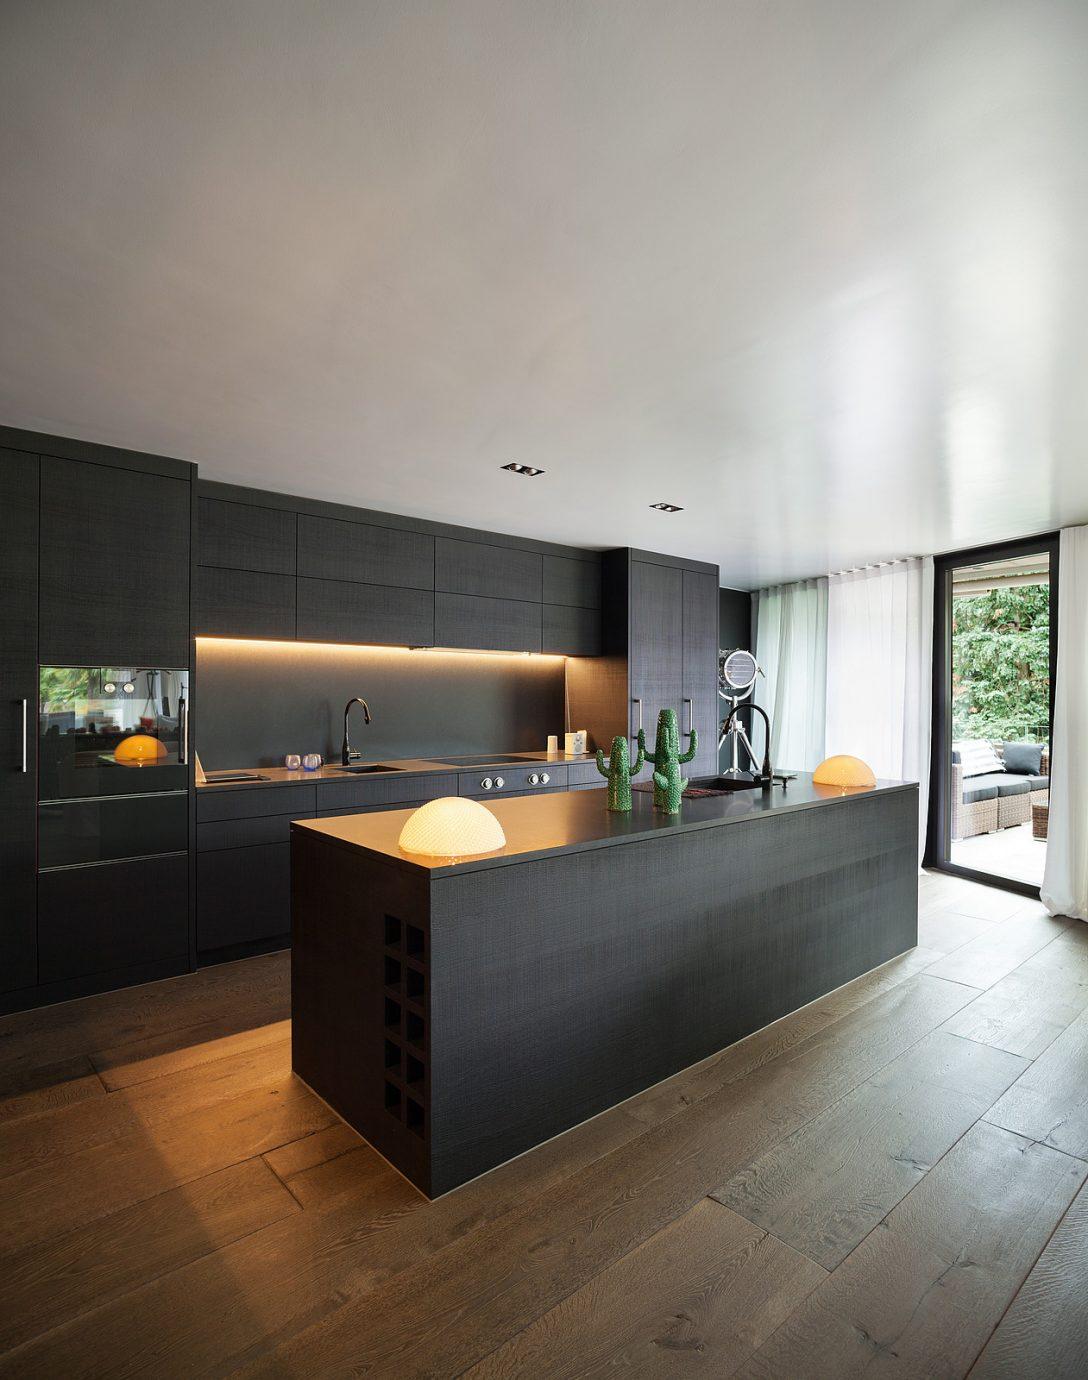 Large Size of Was Kostet Eine Küche Vom Tischler Was Kostet Eine Küche Mit Geräten Was Kostet Eine Küche Nach Maß Was Kostet Eine Küche Pro Meter Küche Was Kostet Eine Küche